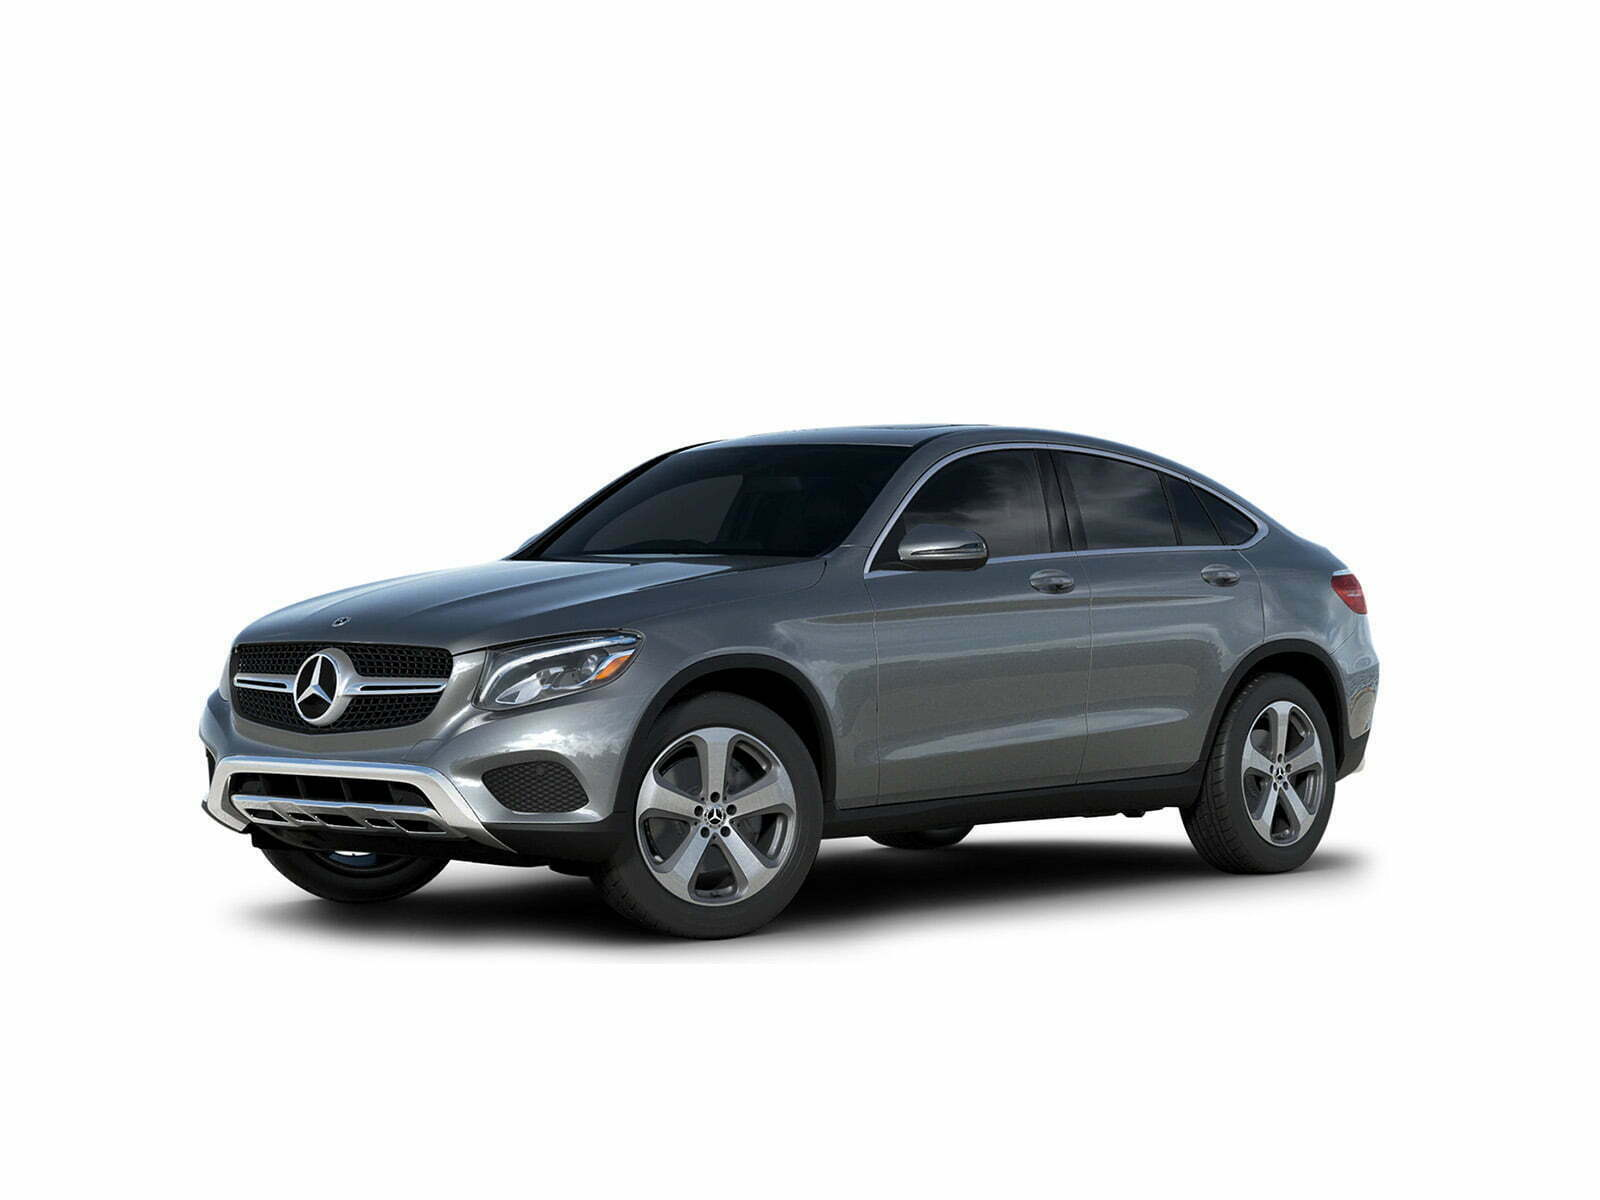 Mercedes-Benz GLC Coupé 200 Business Solution Automaat 5d.